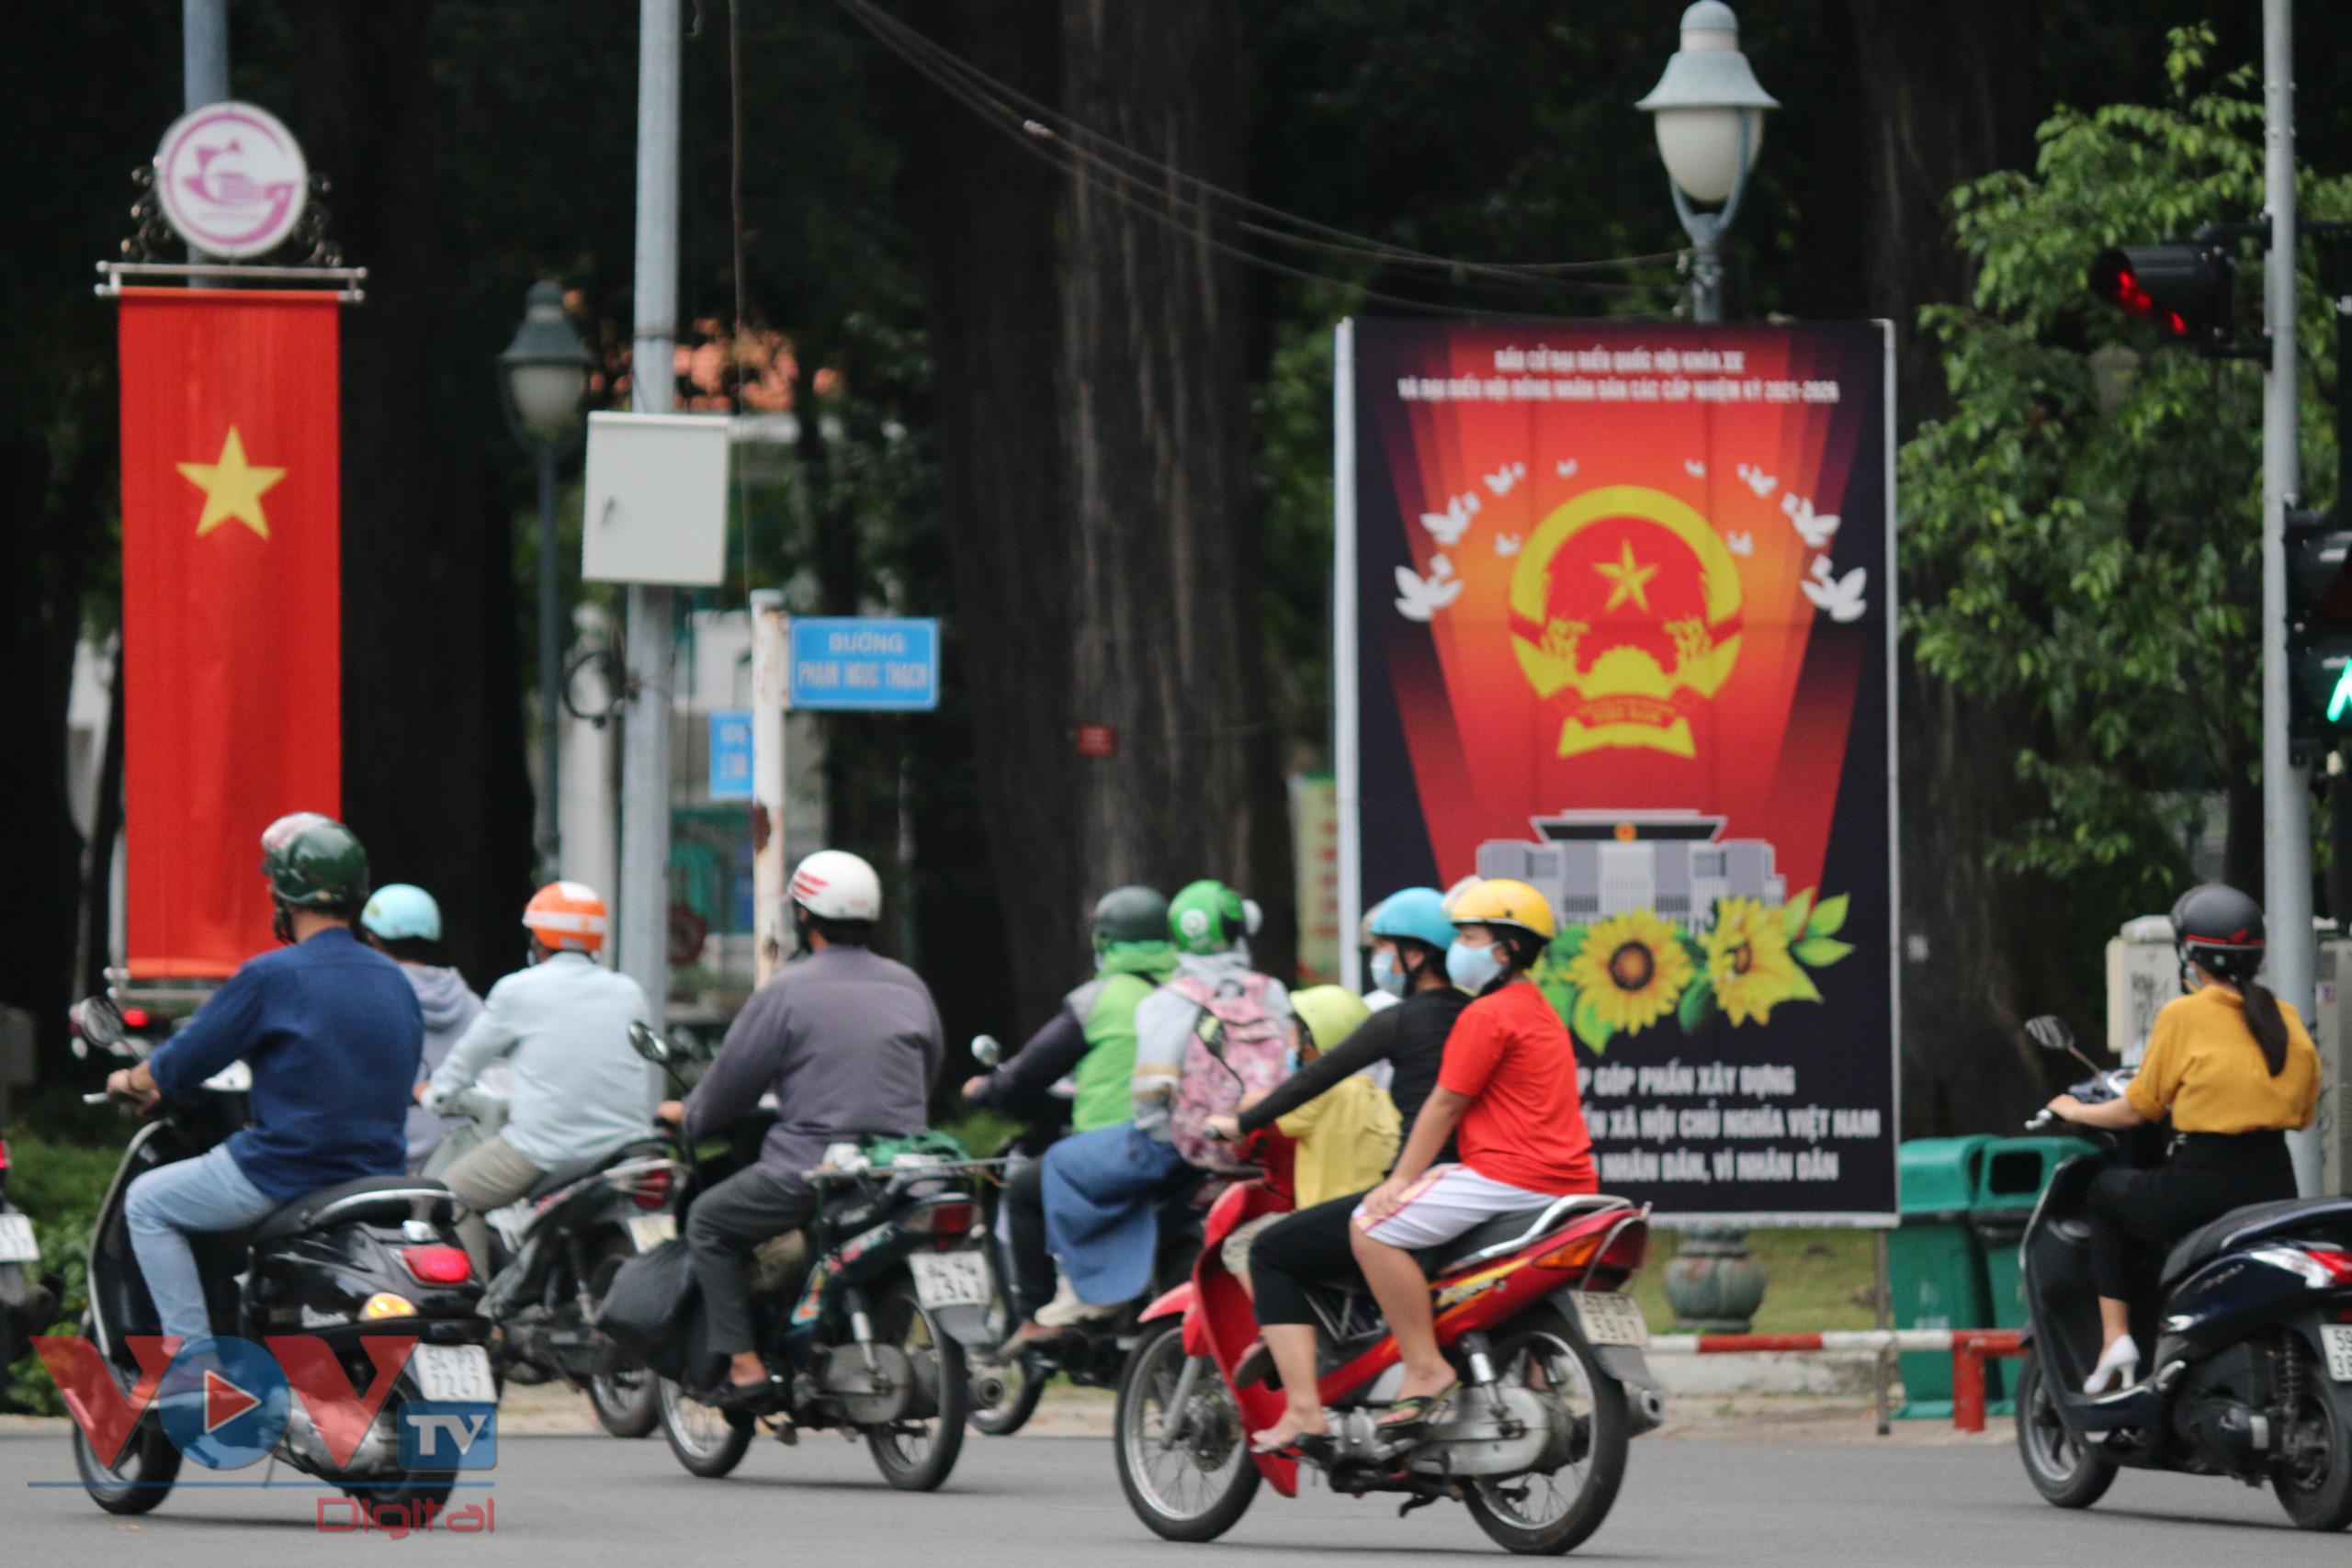 Những hình ảnh cờ Tổ quốc, băng-rôn, khẩu ngữ… được treo ở hầu hết các trục đường trên địa bàn TPHCM